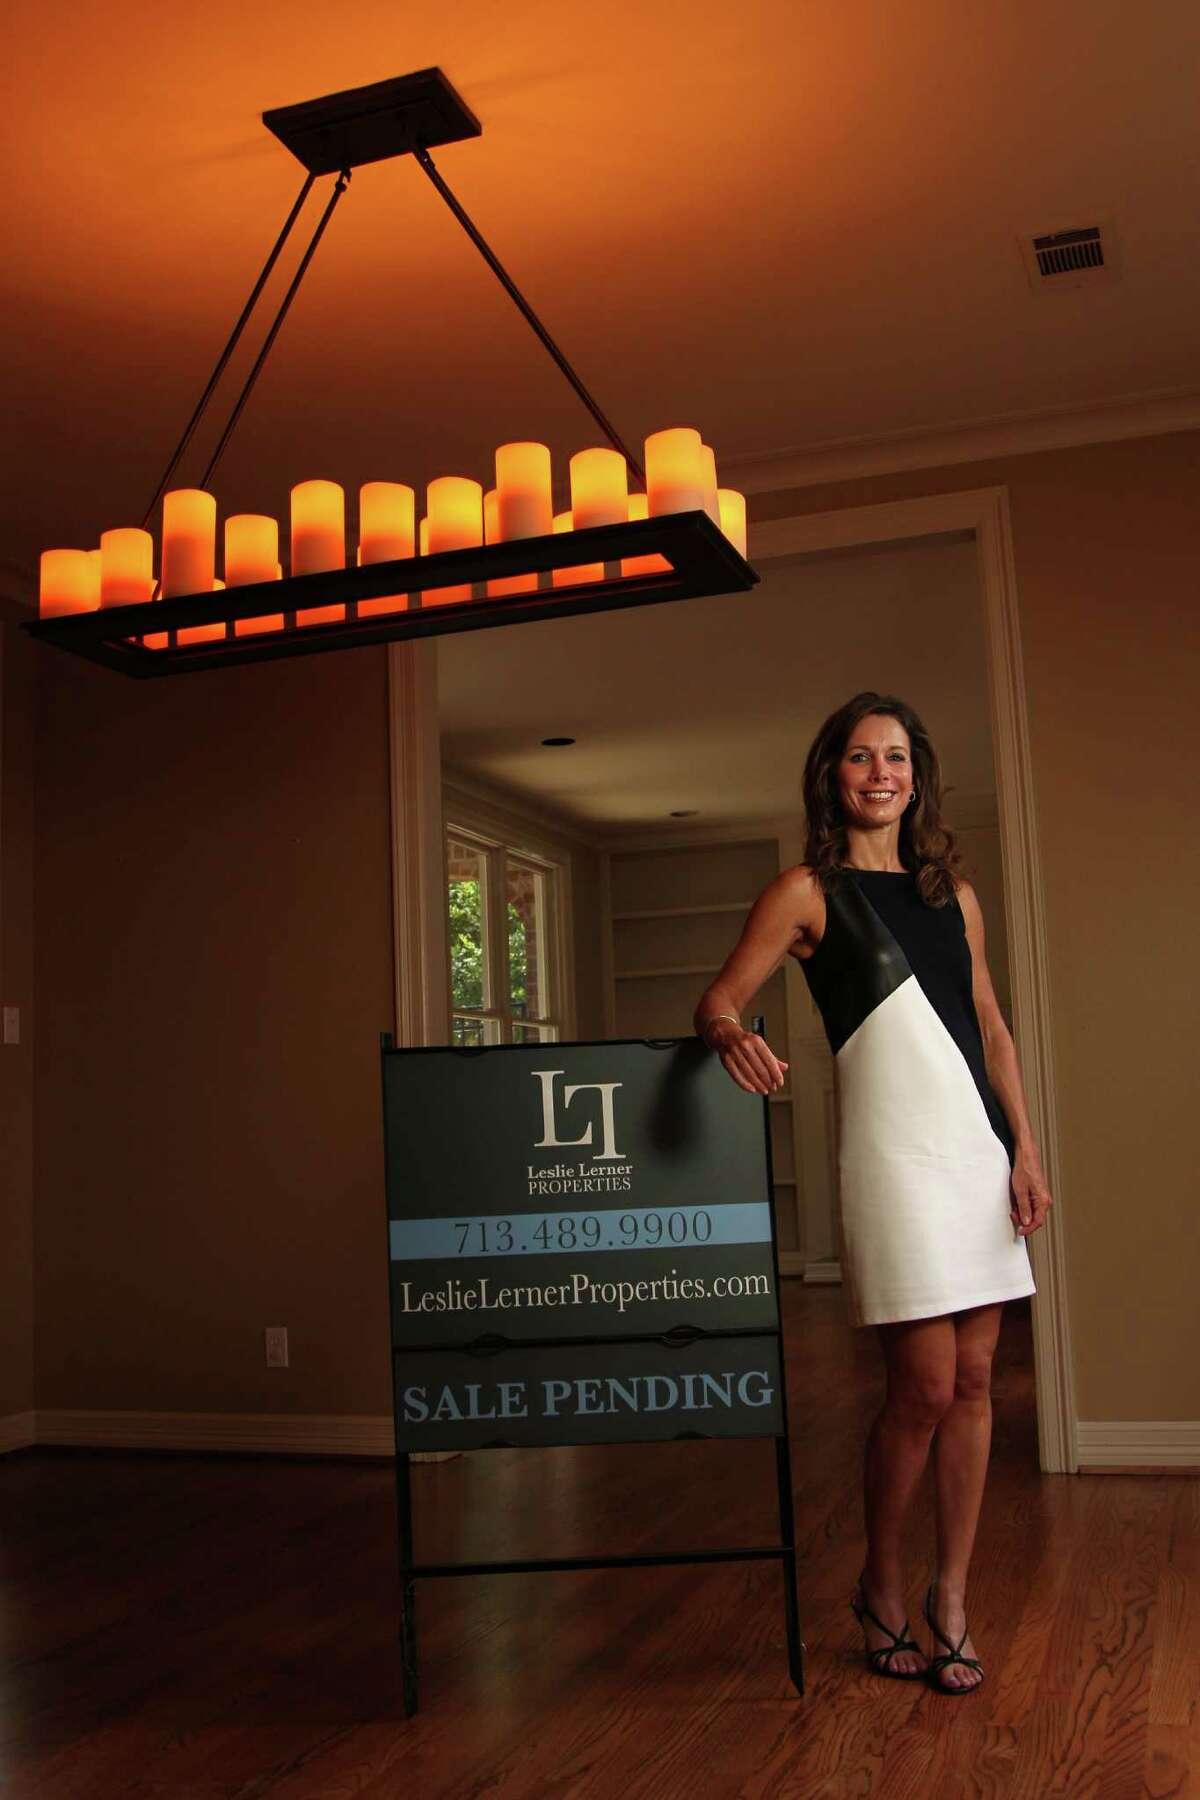 Leslie Lerner, a real estate broker, studied discount business models to develop her pricing system.